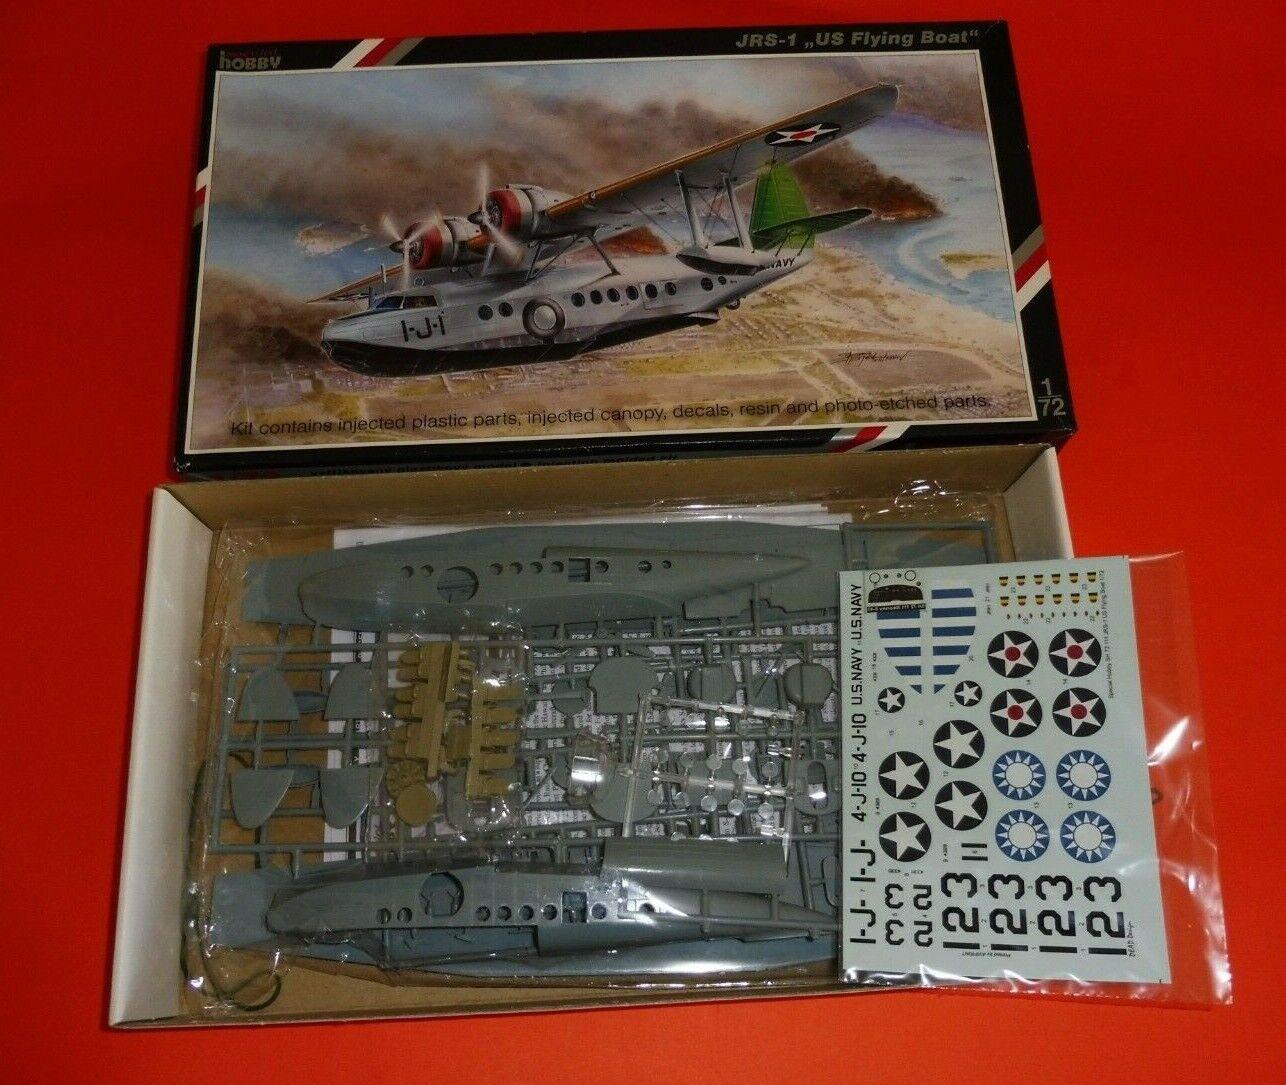 promociones de equipo ZF647 Hobby special 1 72 72 72 maquette avion SH72111 JRS-1 US Flying Boat  mejor calidad mejor precio